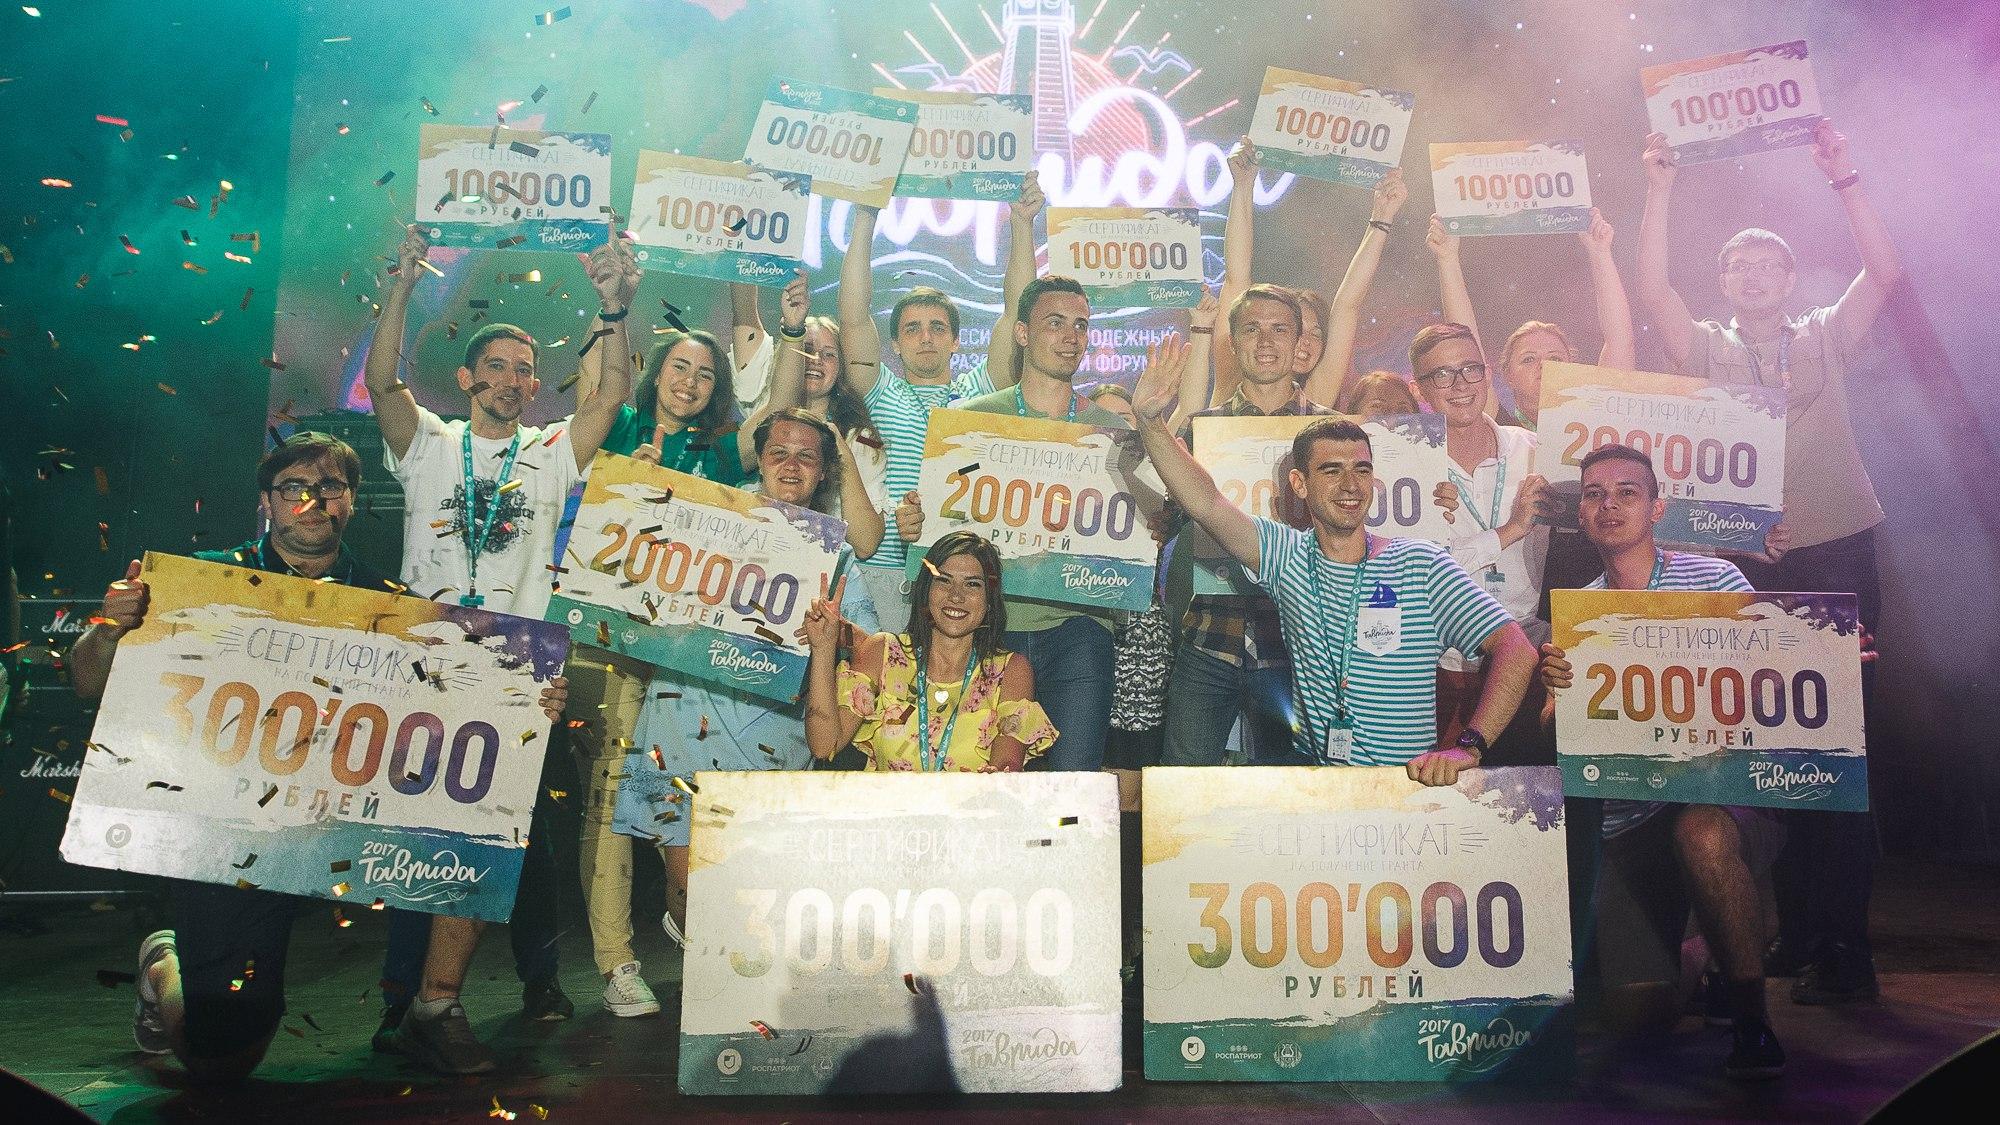 Любой желающий сможет выиграть от 100 000 до 1 000 000 рублей на реализацию собственного проекта